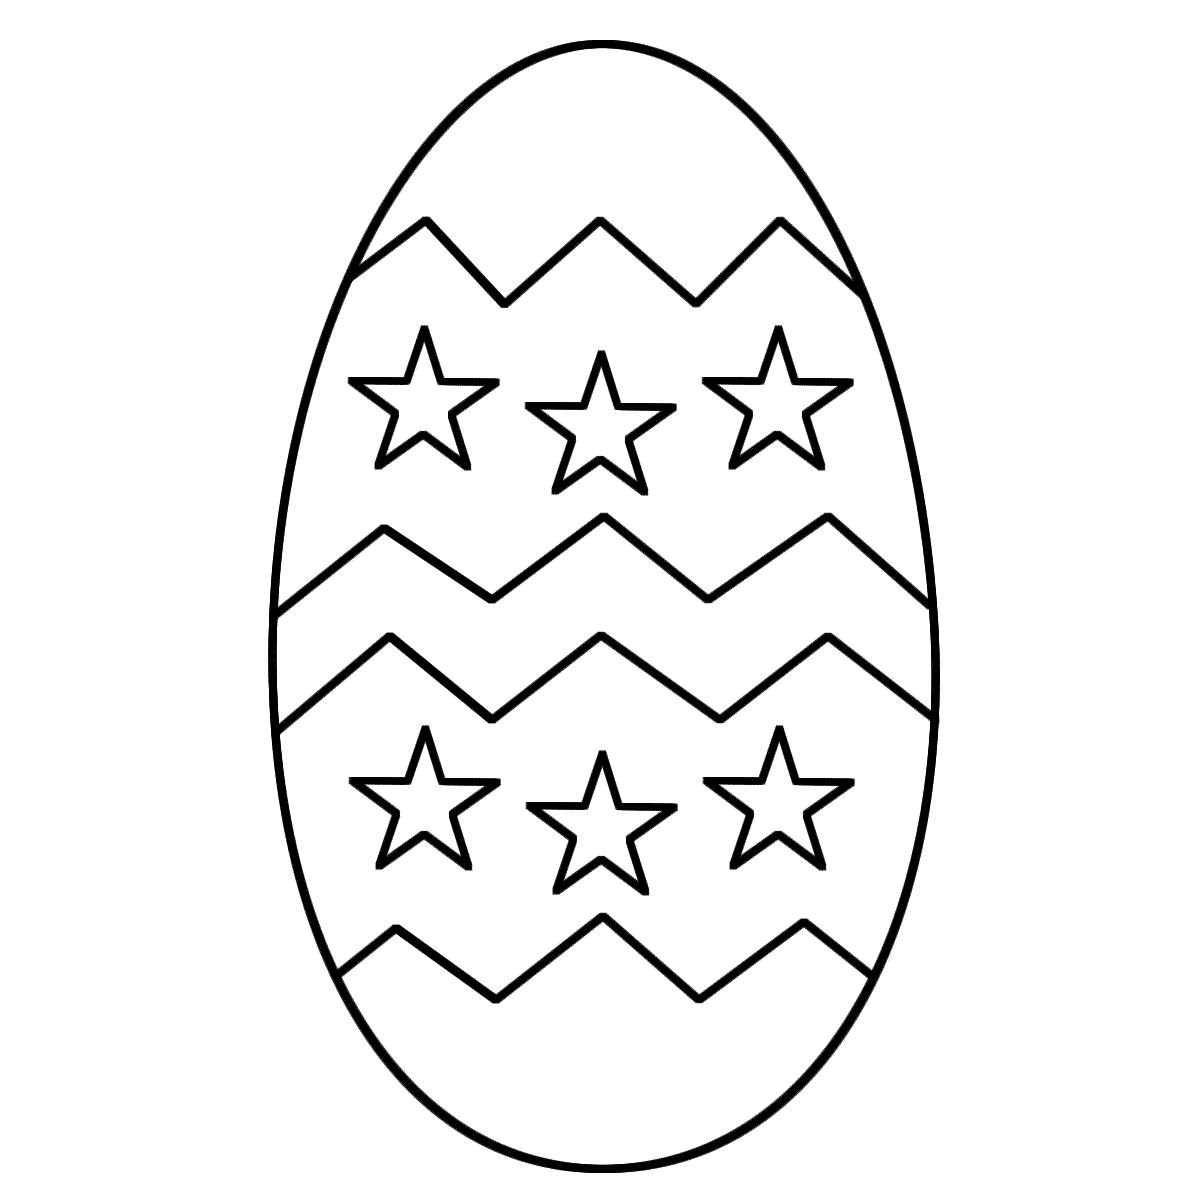 Easter Egg Black And White Clipart